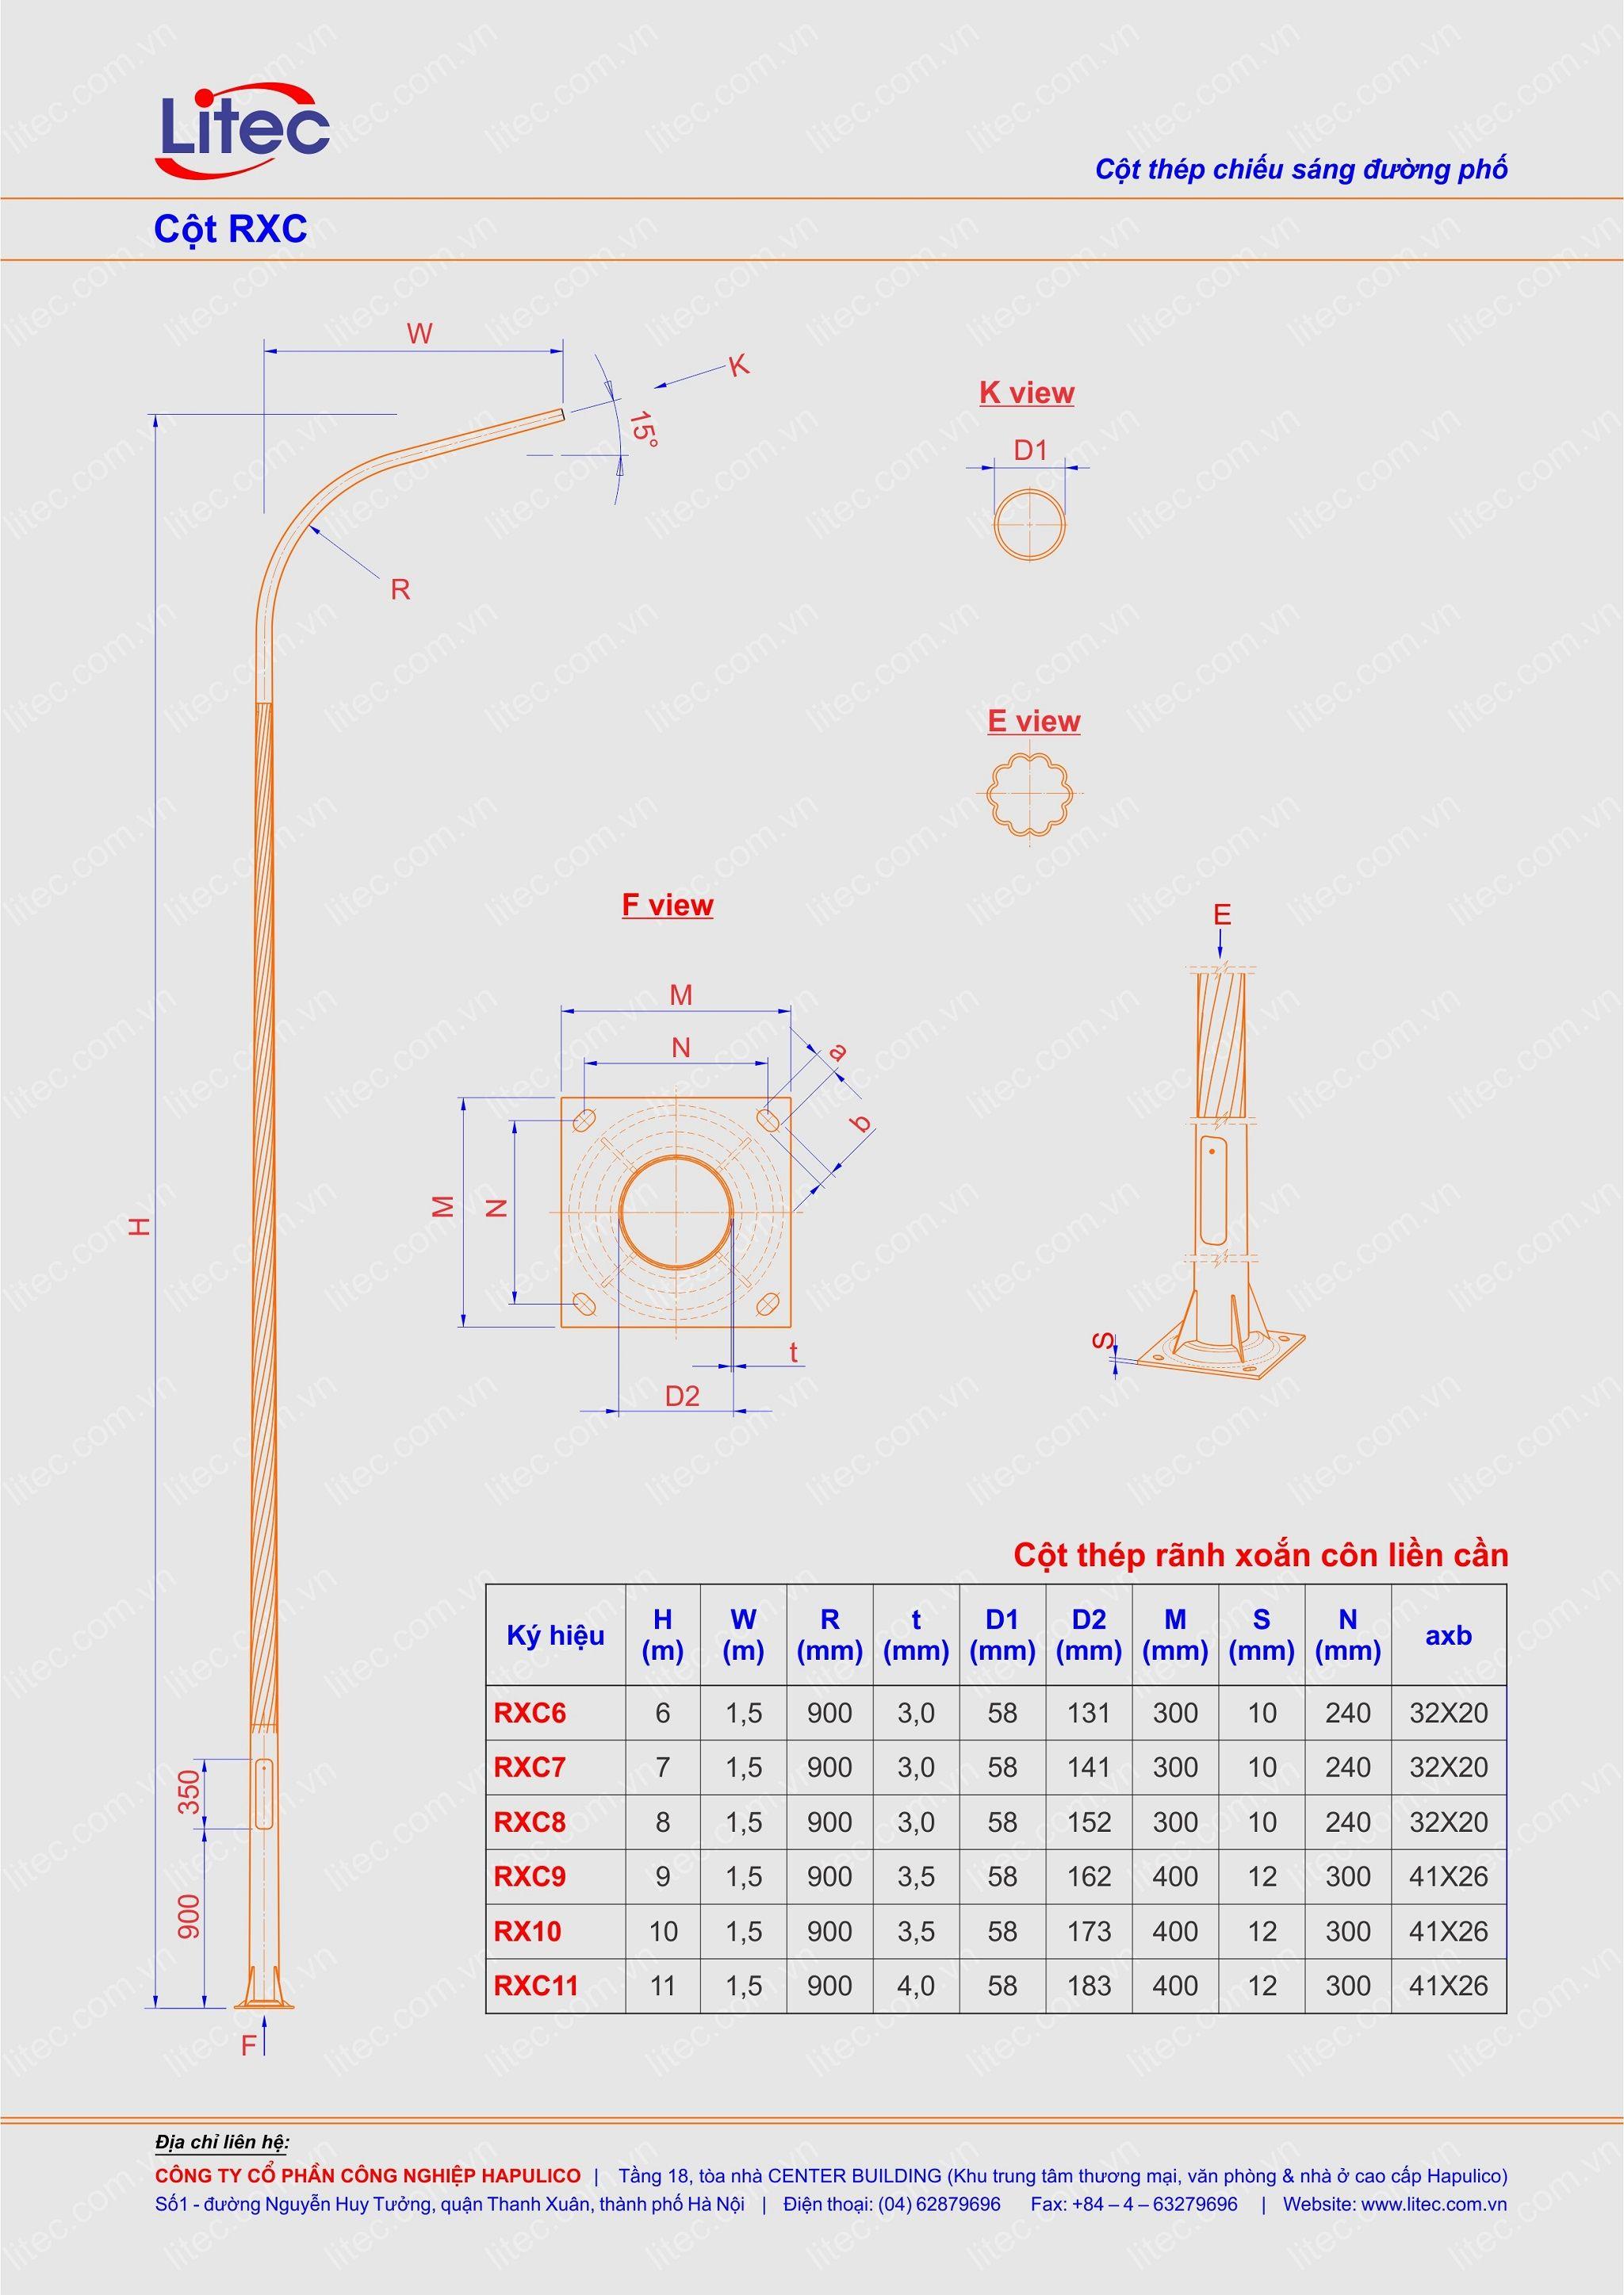 Cột đèn liền cần thân kẻ côn xoắn 6M 7M 8M 9M 10M 11M